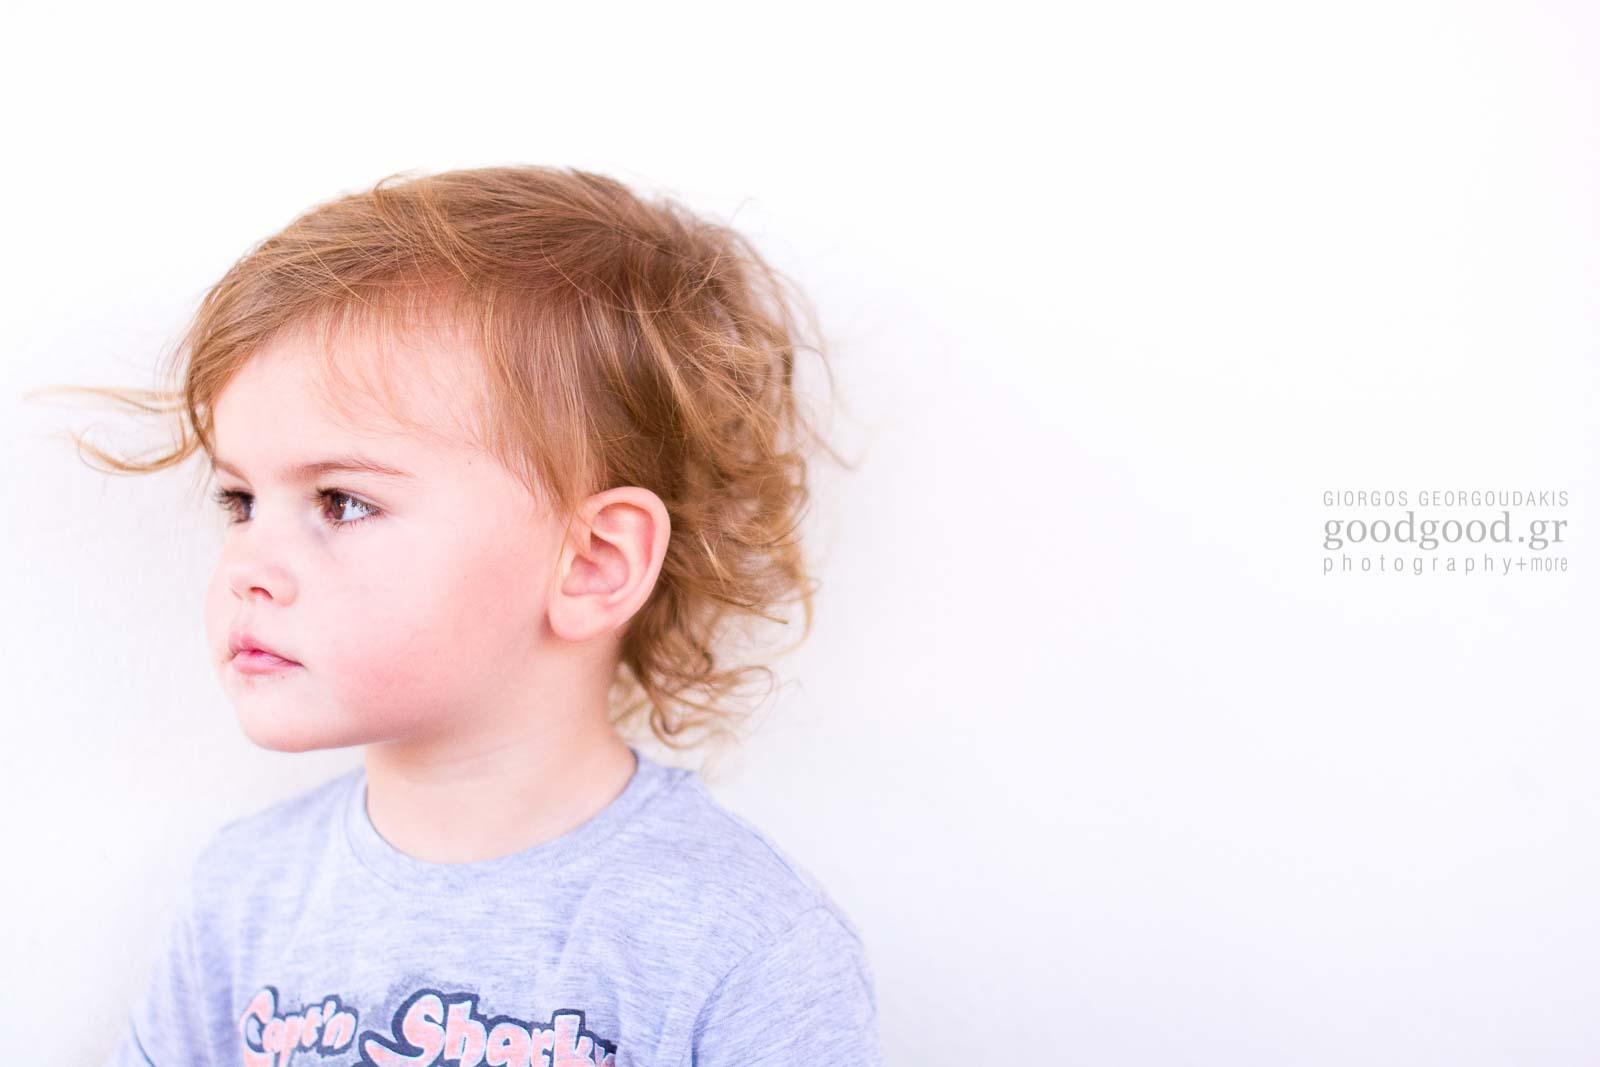 Ποτραίτο ενός αγοριού τριών ετών να κοιτάει μακριά απο τον φακό της φωτογραφικής